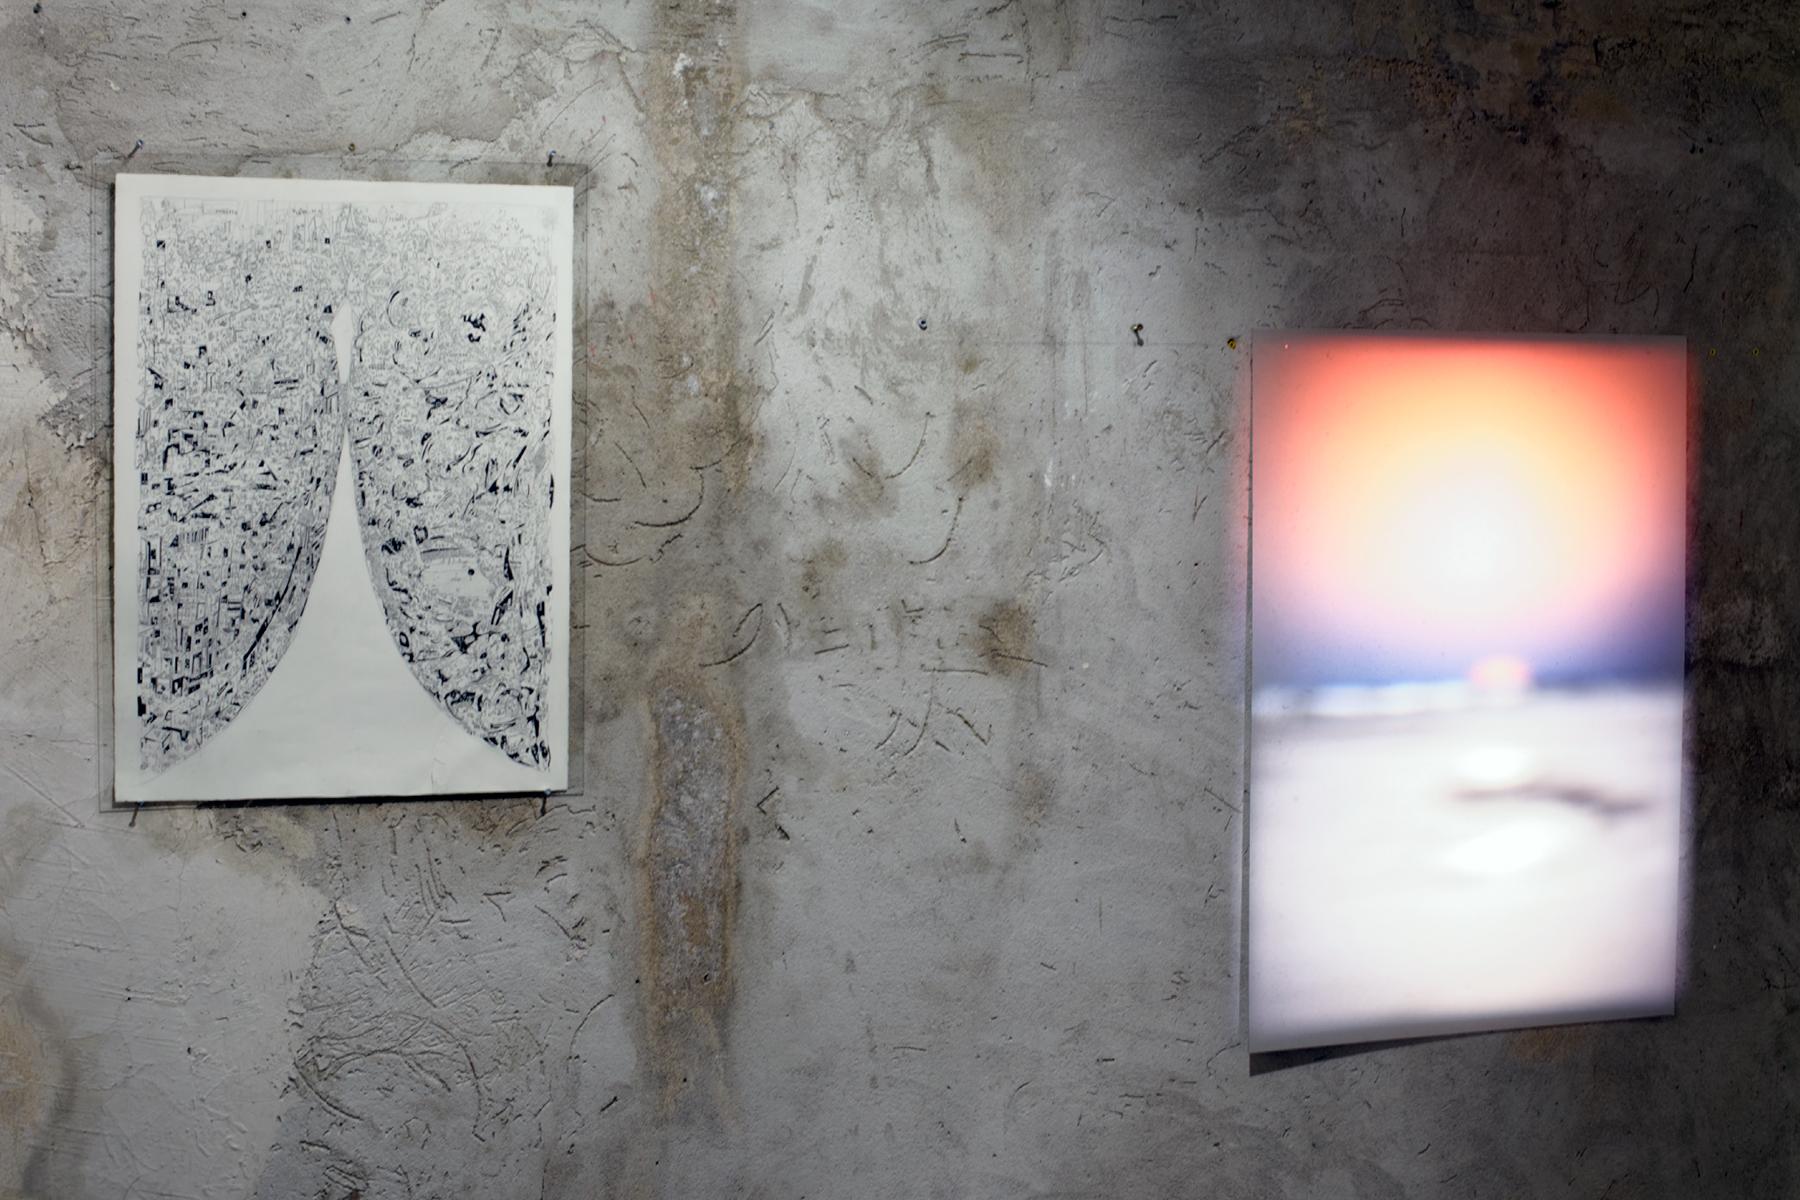 Charles-Henry de Pimodan -  tatouage  - encre de chine sur papier - 76 x 56 cm - 2016 ///// Louis-Cyprien Rials -  Horizon ( Bahreïn )  - Installation de projecteurs Kodak Carousel, timer - 2014